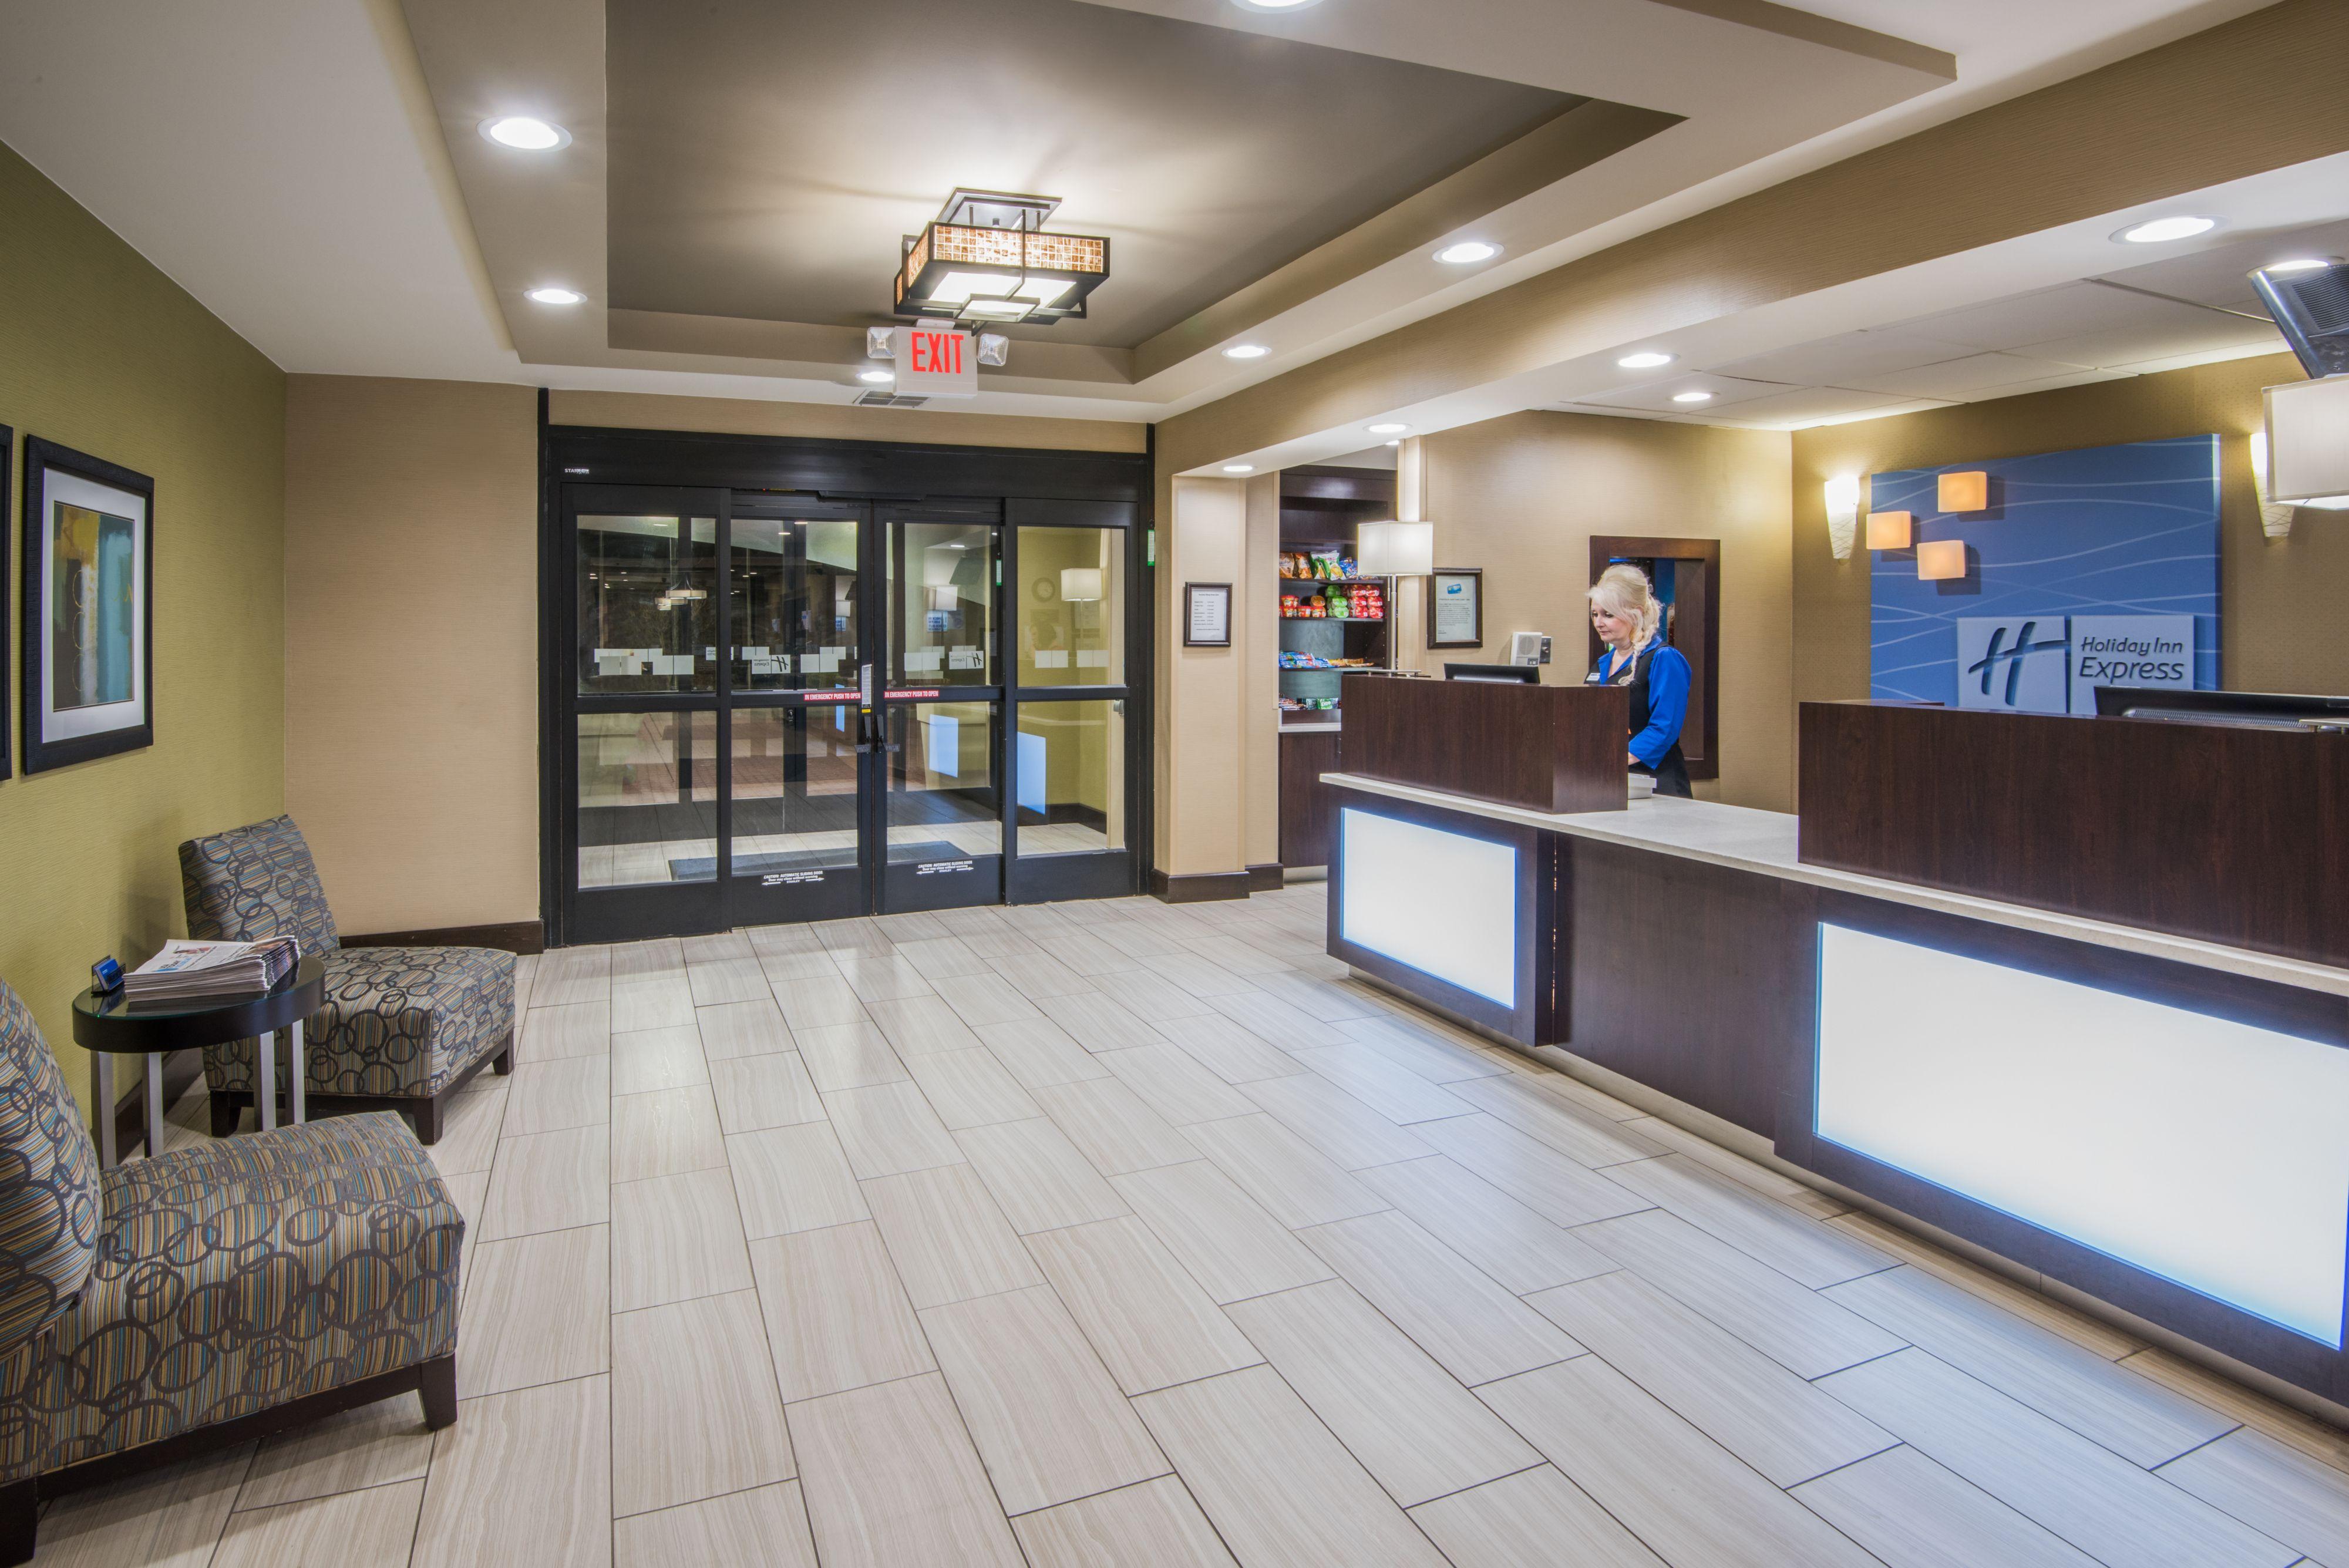 Holiday Inn Express & Suites Ashland image 4